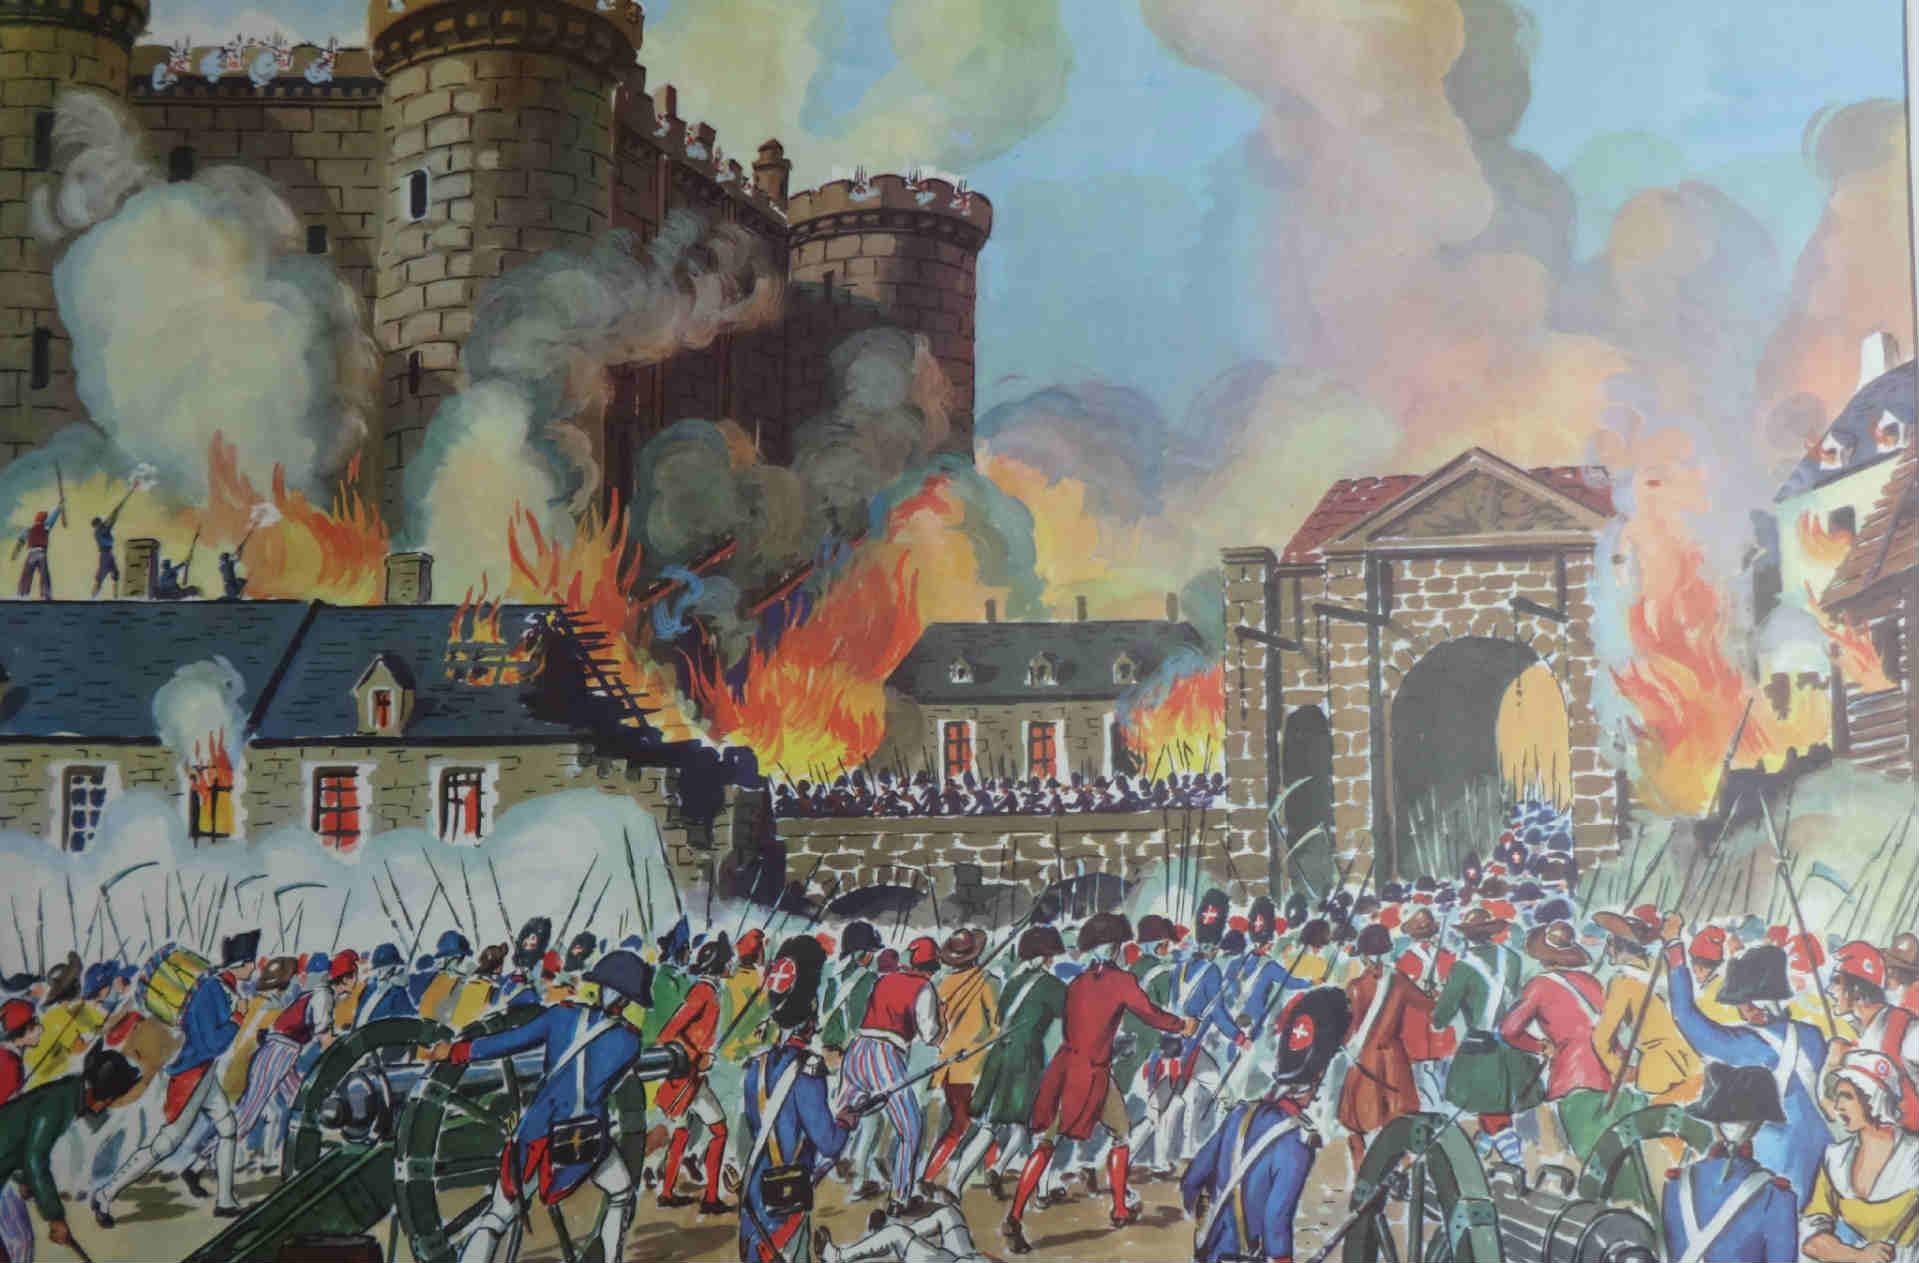 História da queda da Bastilha durante a Revolução Francesa